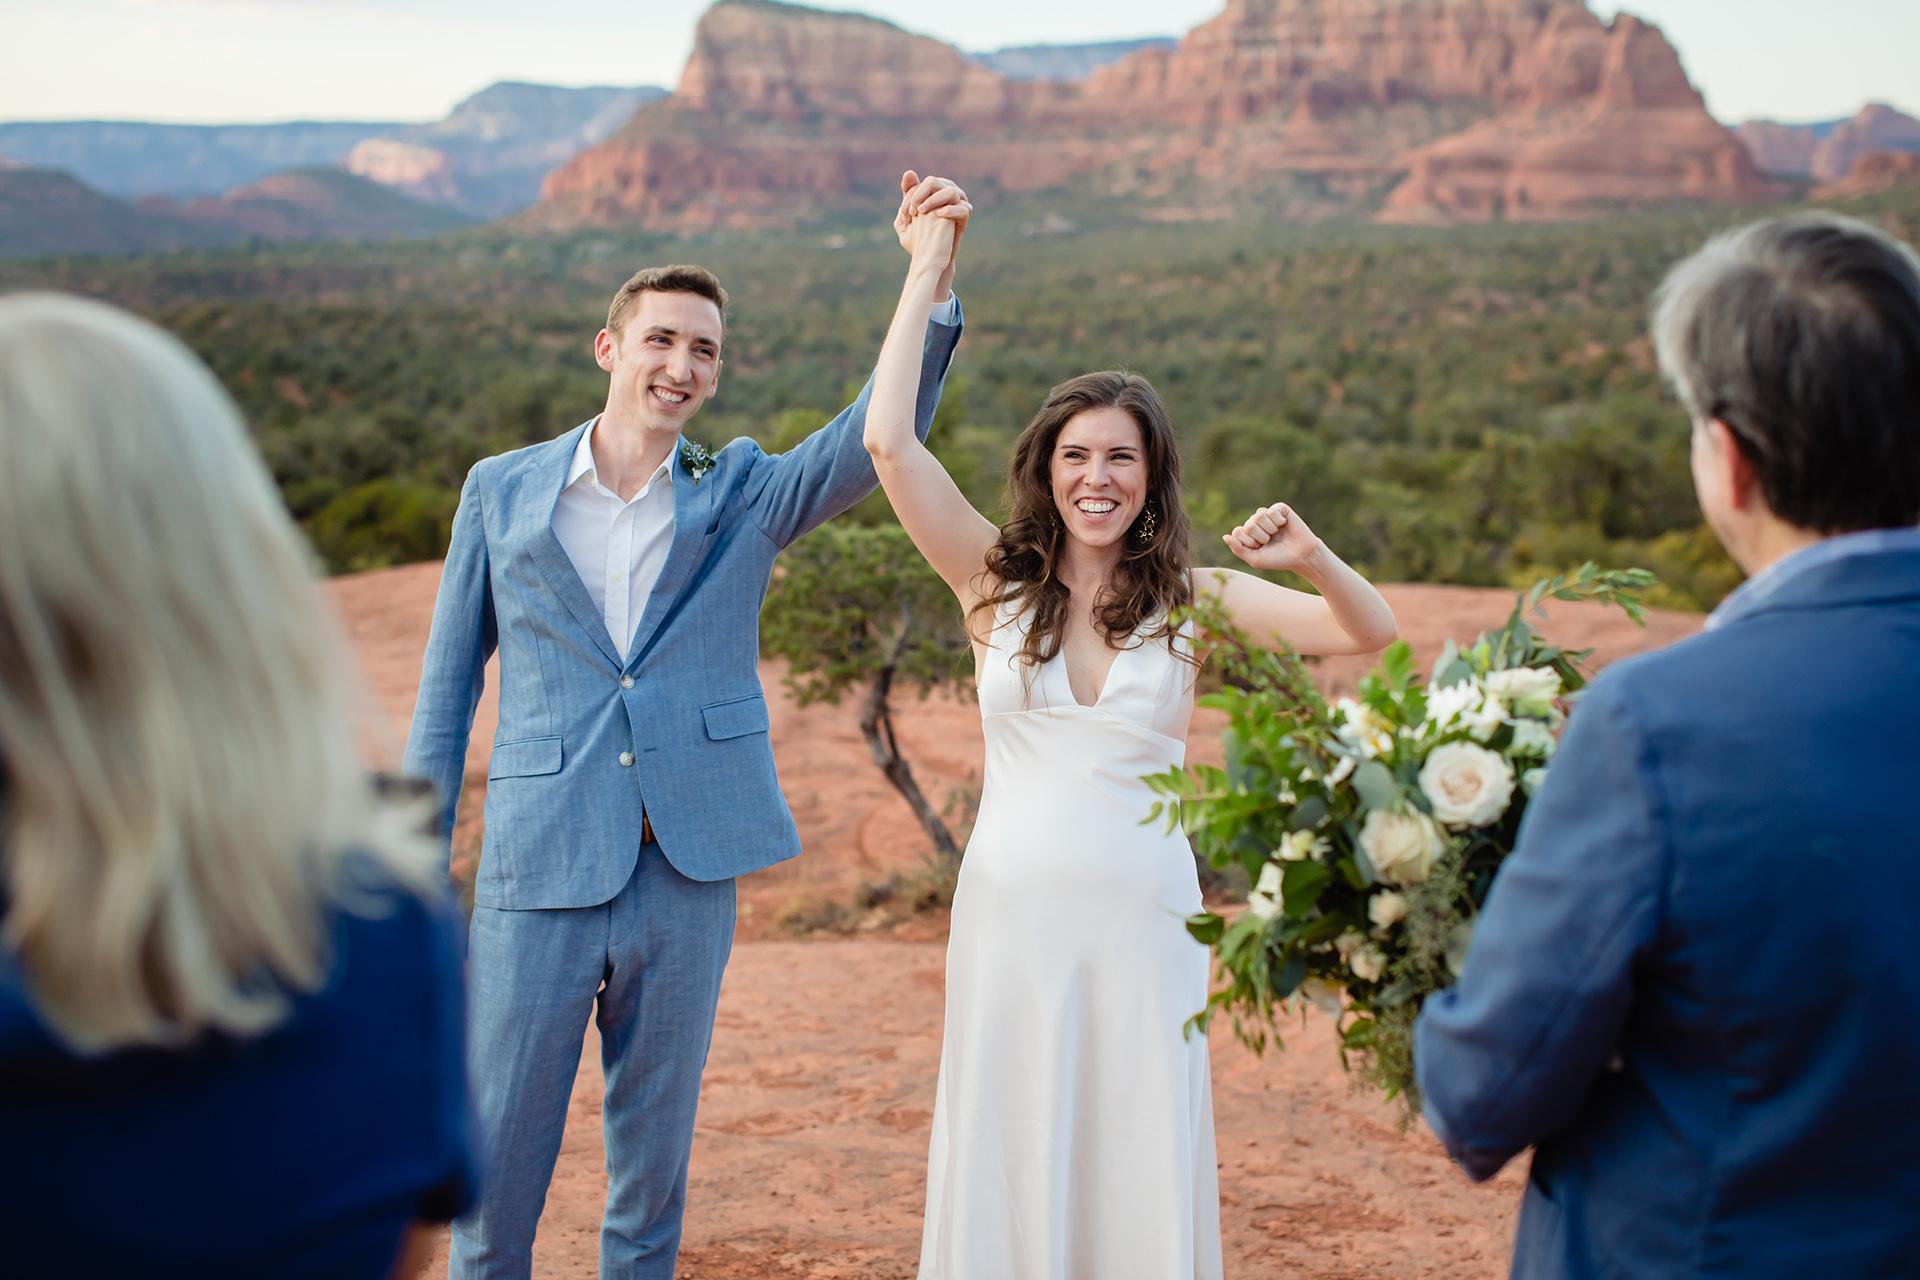 Beste trouwfotografen van Sedona, Arizona | Nadat de ceremonie is voltooid, slaan de bruid en bruidegom de handen vast